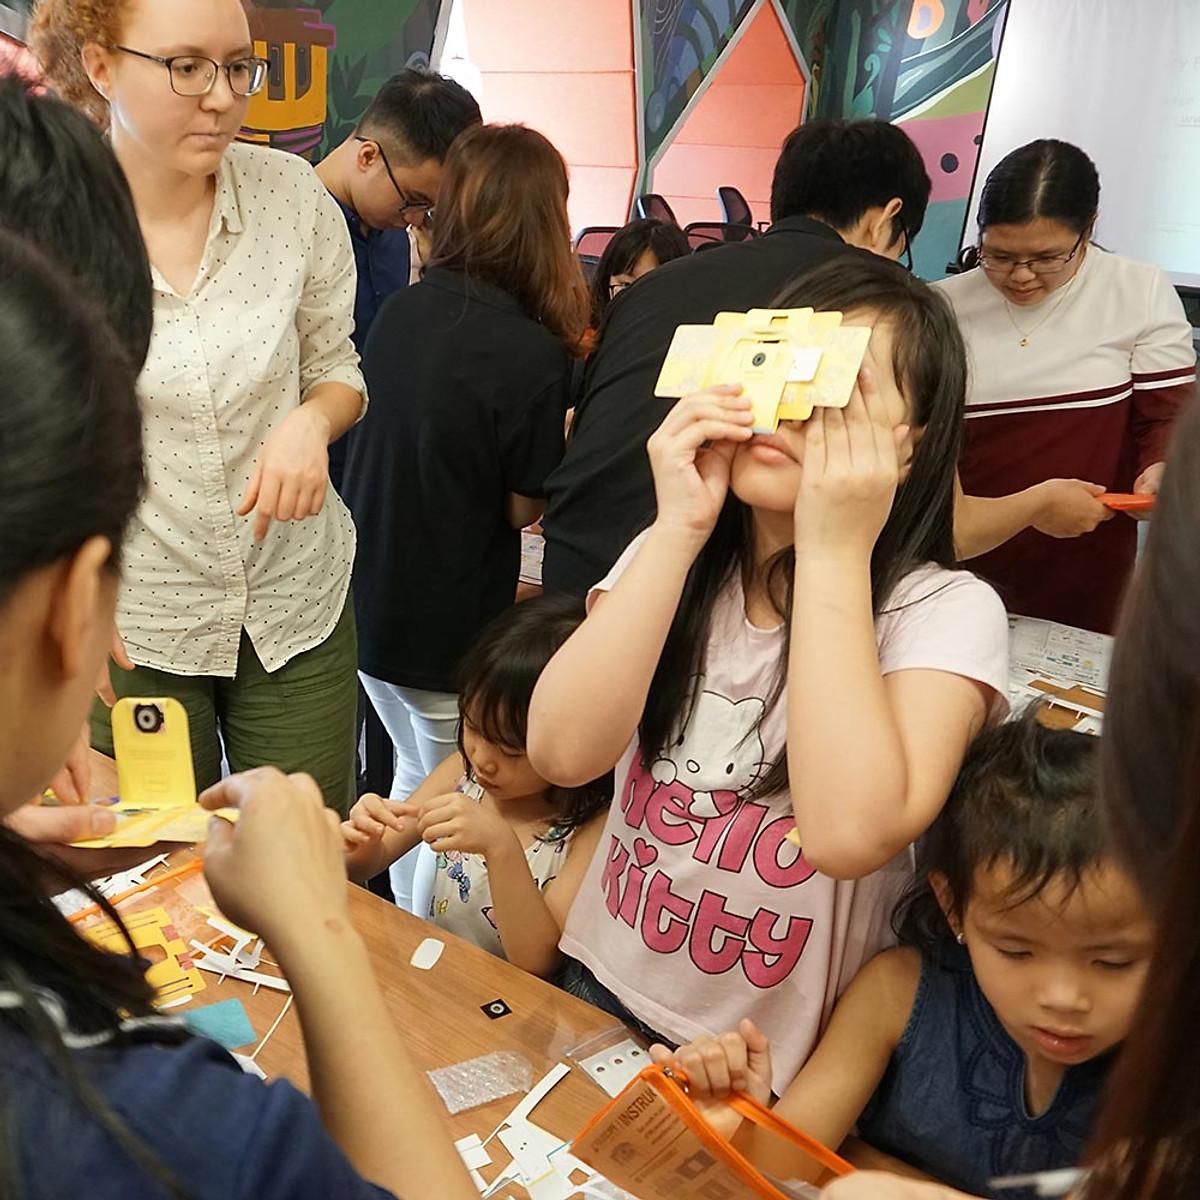 Kính Hiển Vi Giấy Foldscope - Khám phá vi thế giới diệu kỳ